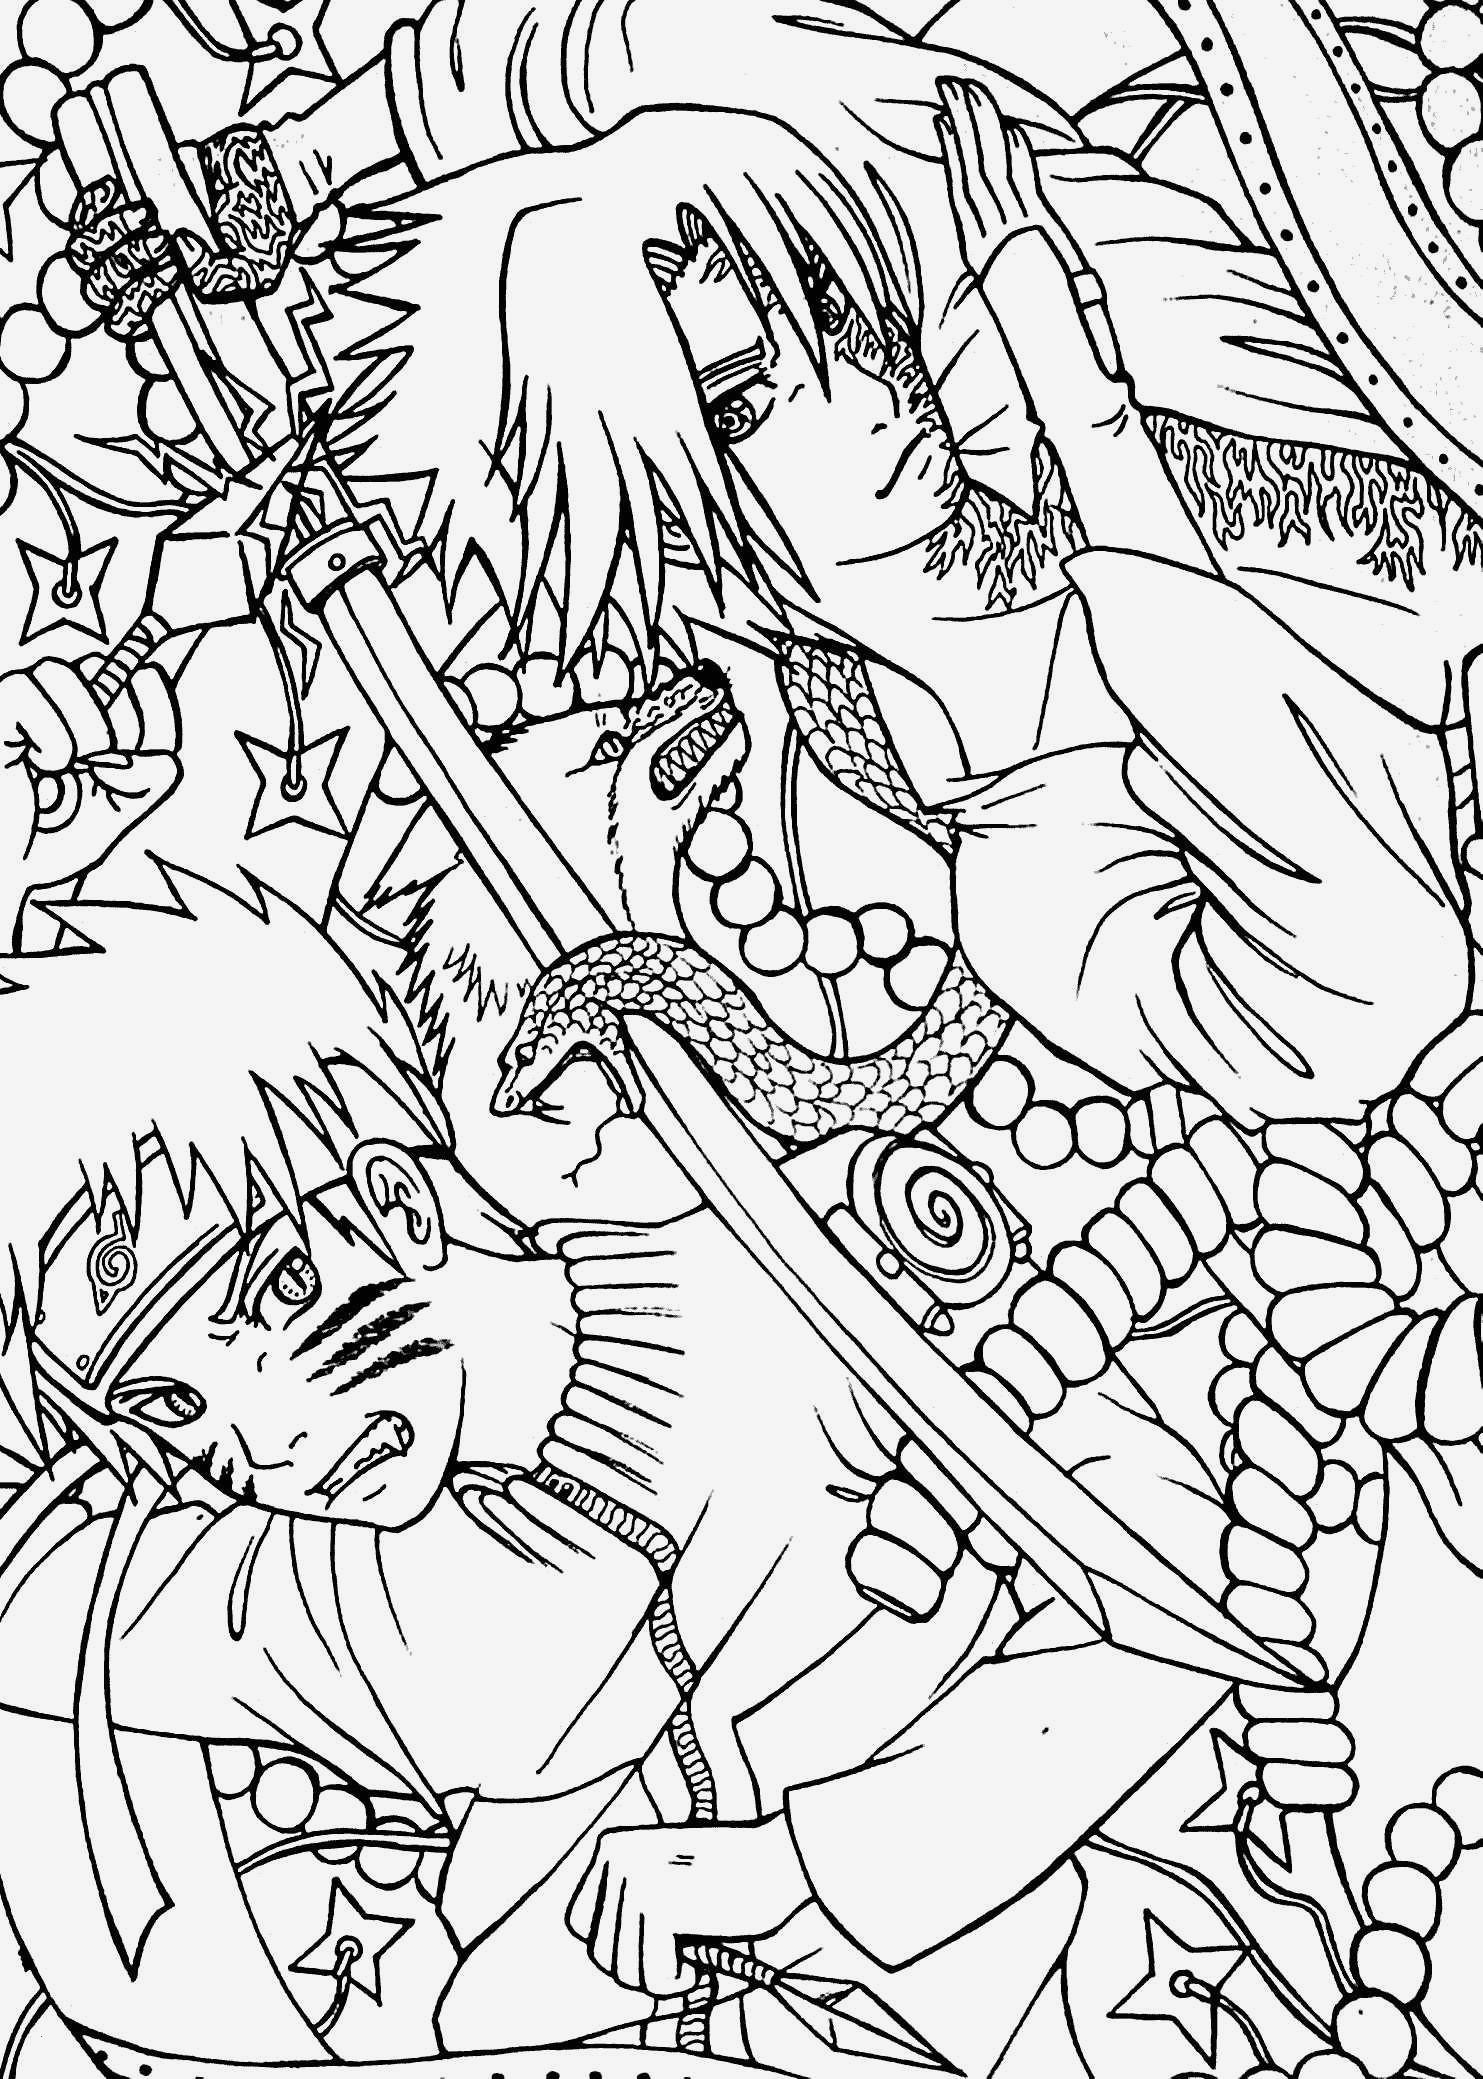 Manuel Neuer Ausmalbilder Frisch Bilder Zum Ausmalen Bekommen Ausmalbilder Anime Das Bild